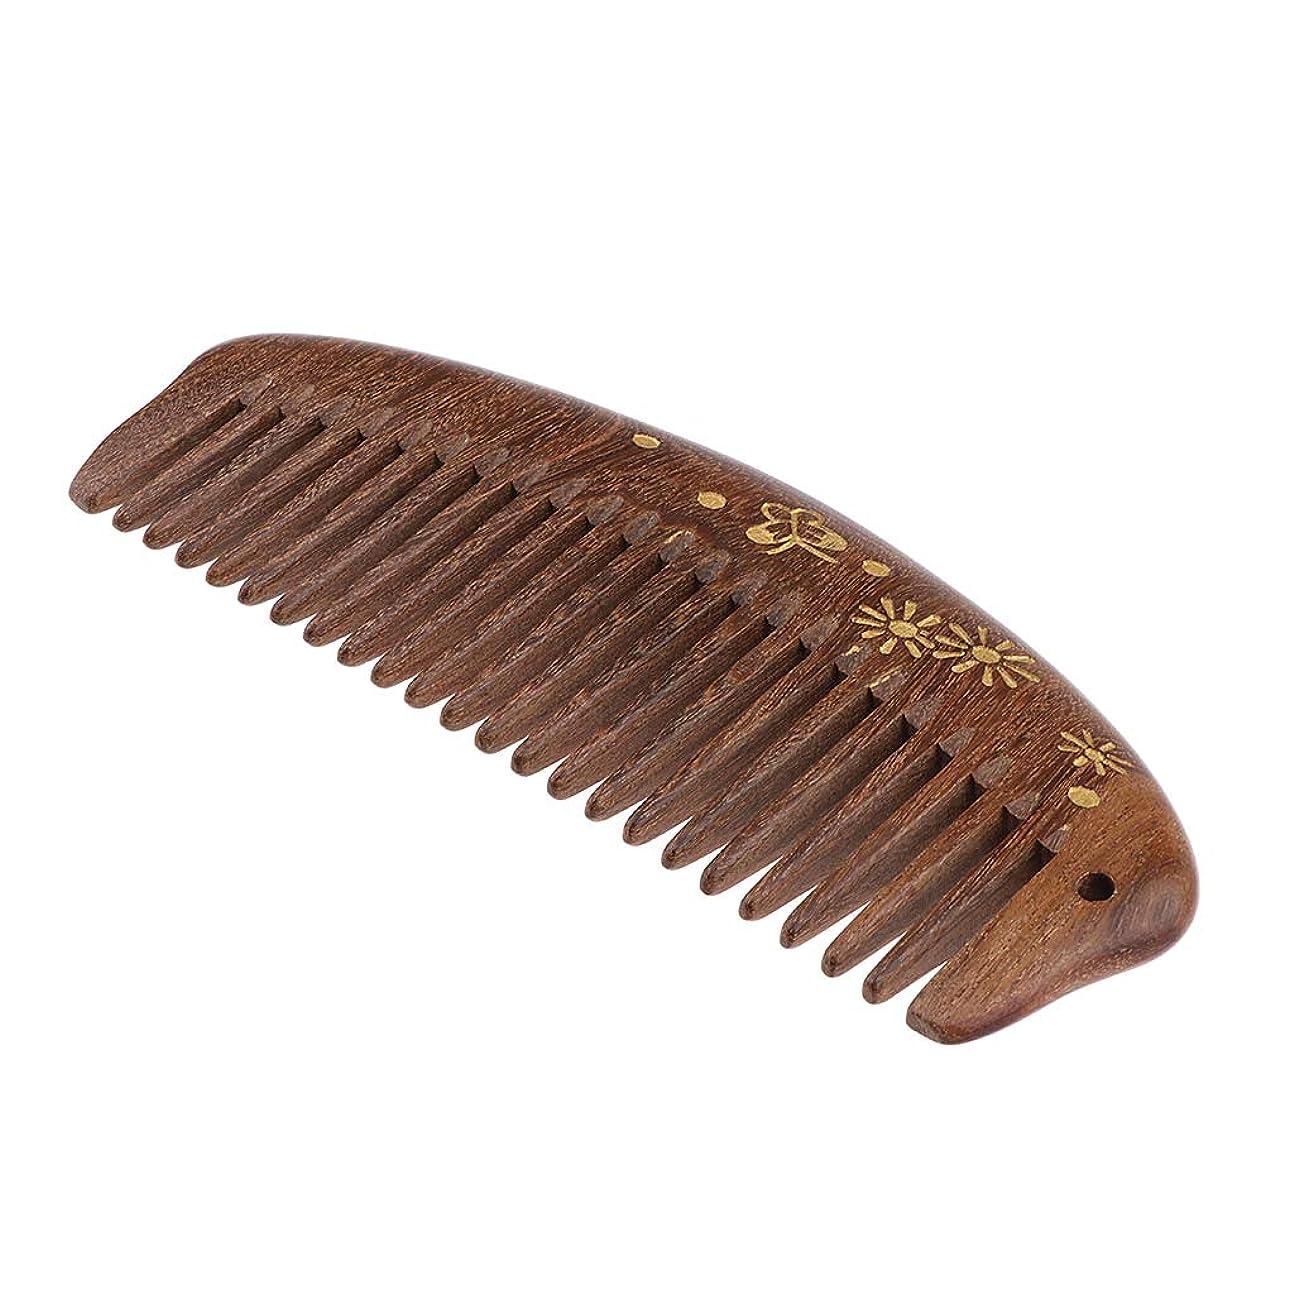 インタラクション積極的に廃棄P Prettyia 帯電防止櫛 ウッドコーム 櫛 頭皮マッサージ 携帯便利 3仕様選べ - 中歯